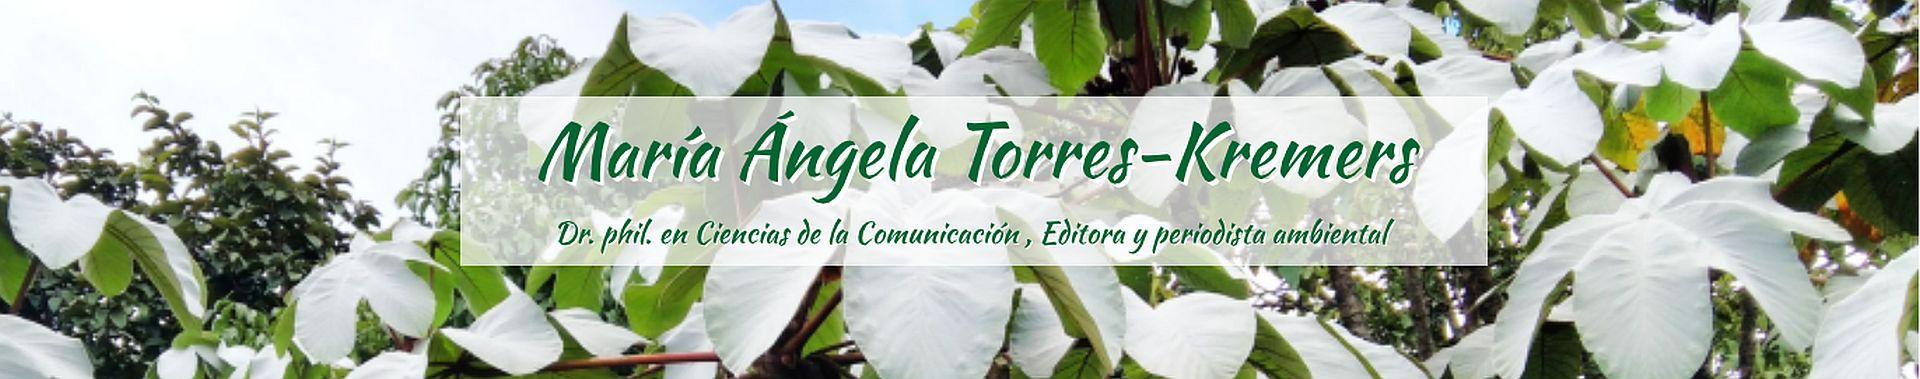 Maria Angela Torres-Kremers